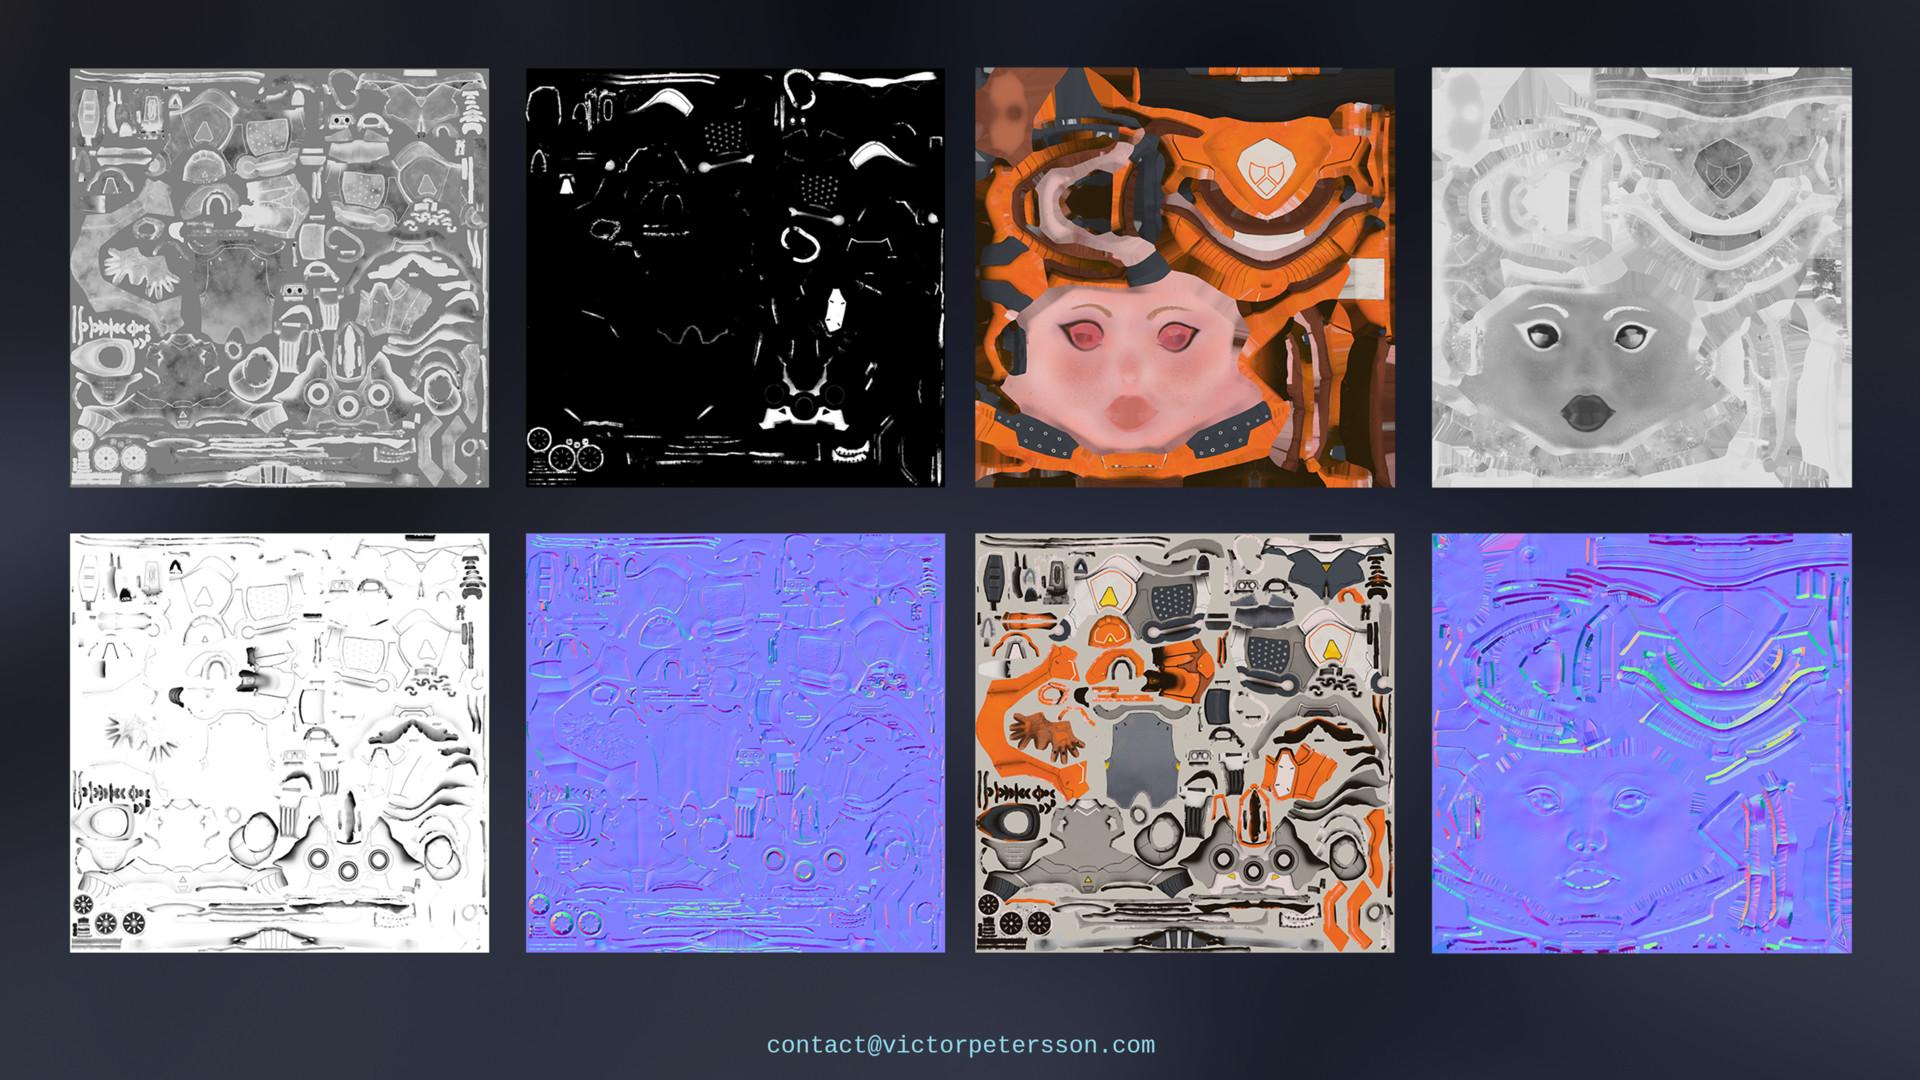 Victor petersson texturebreakdown